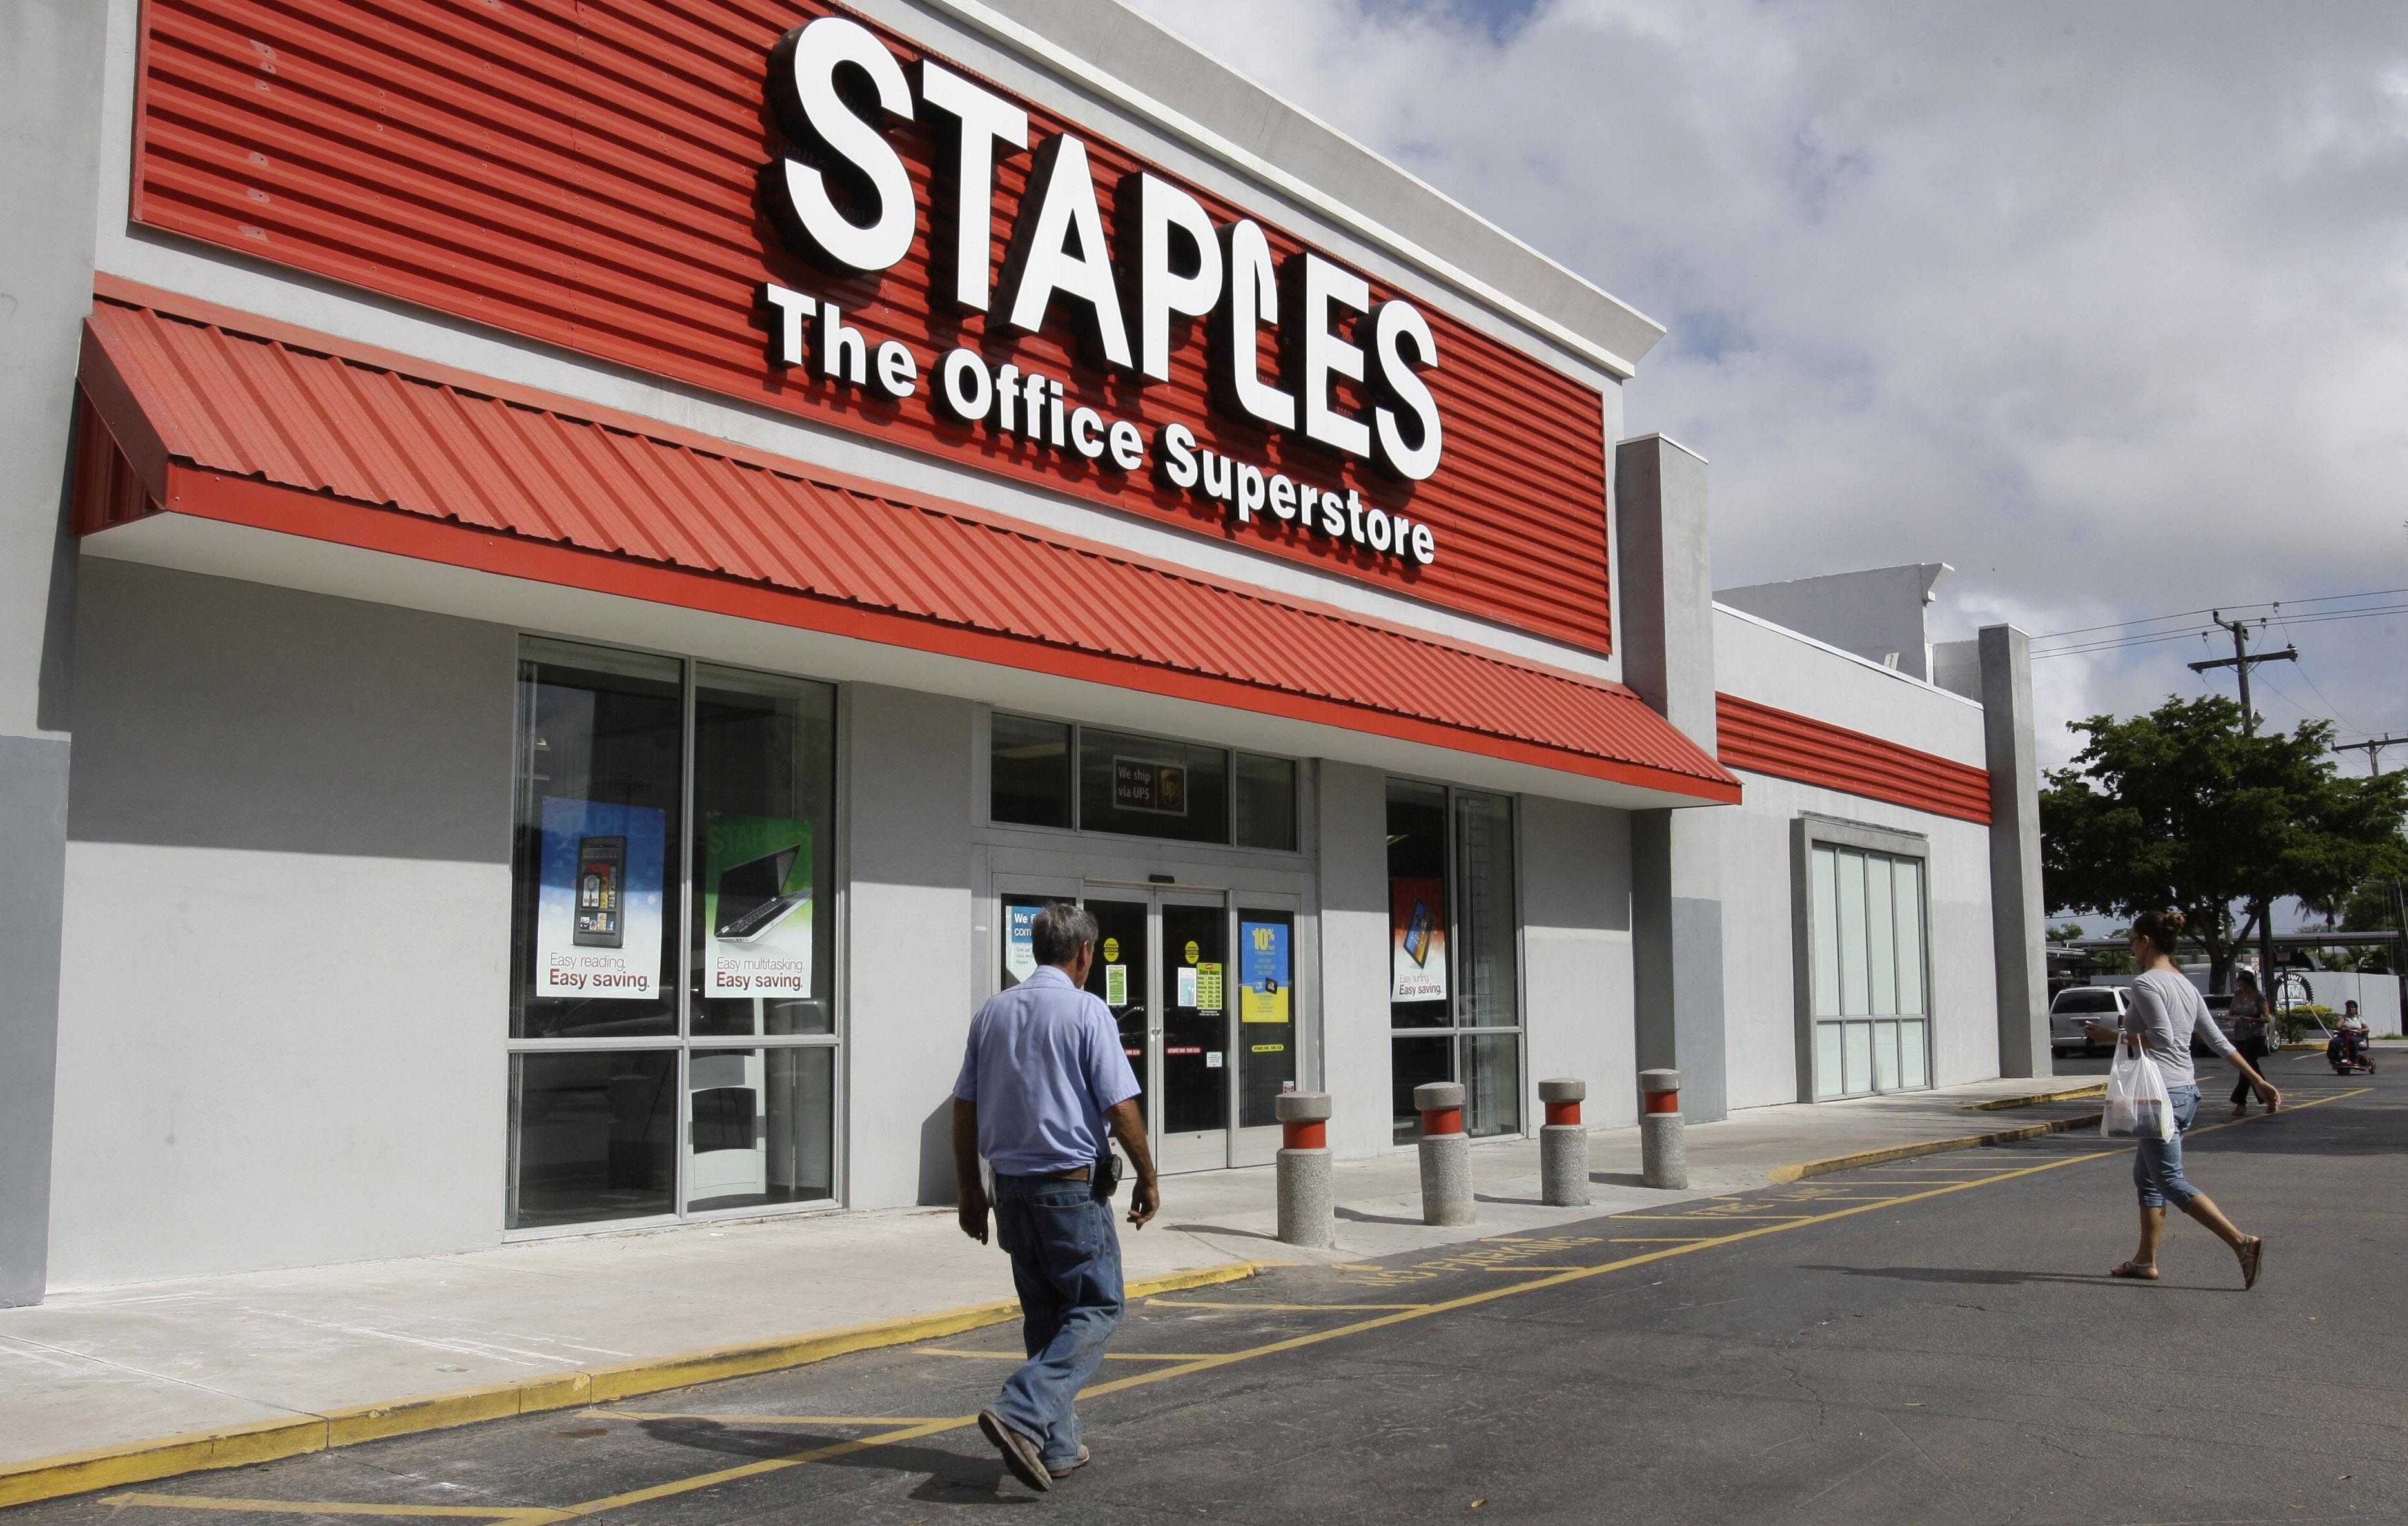 staples office depot scrap planned $6b merger cbs news